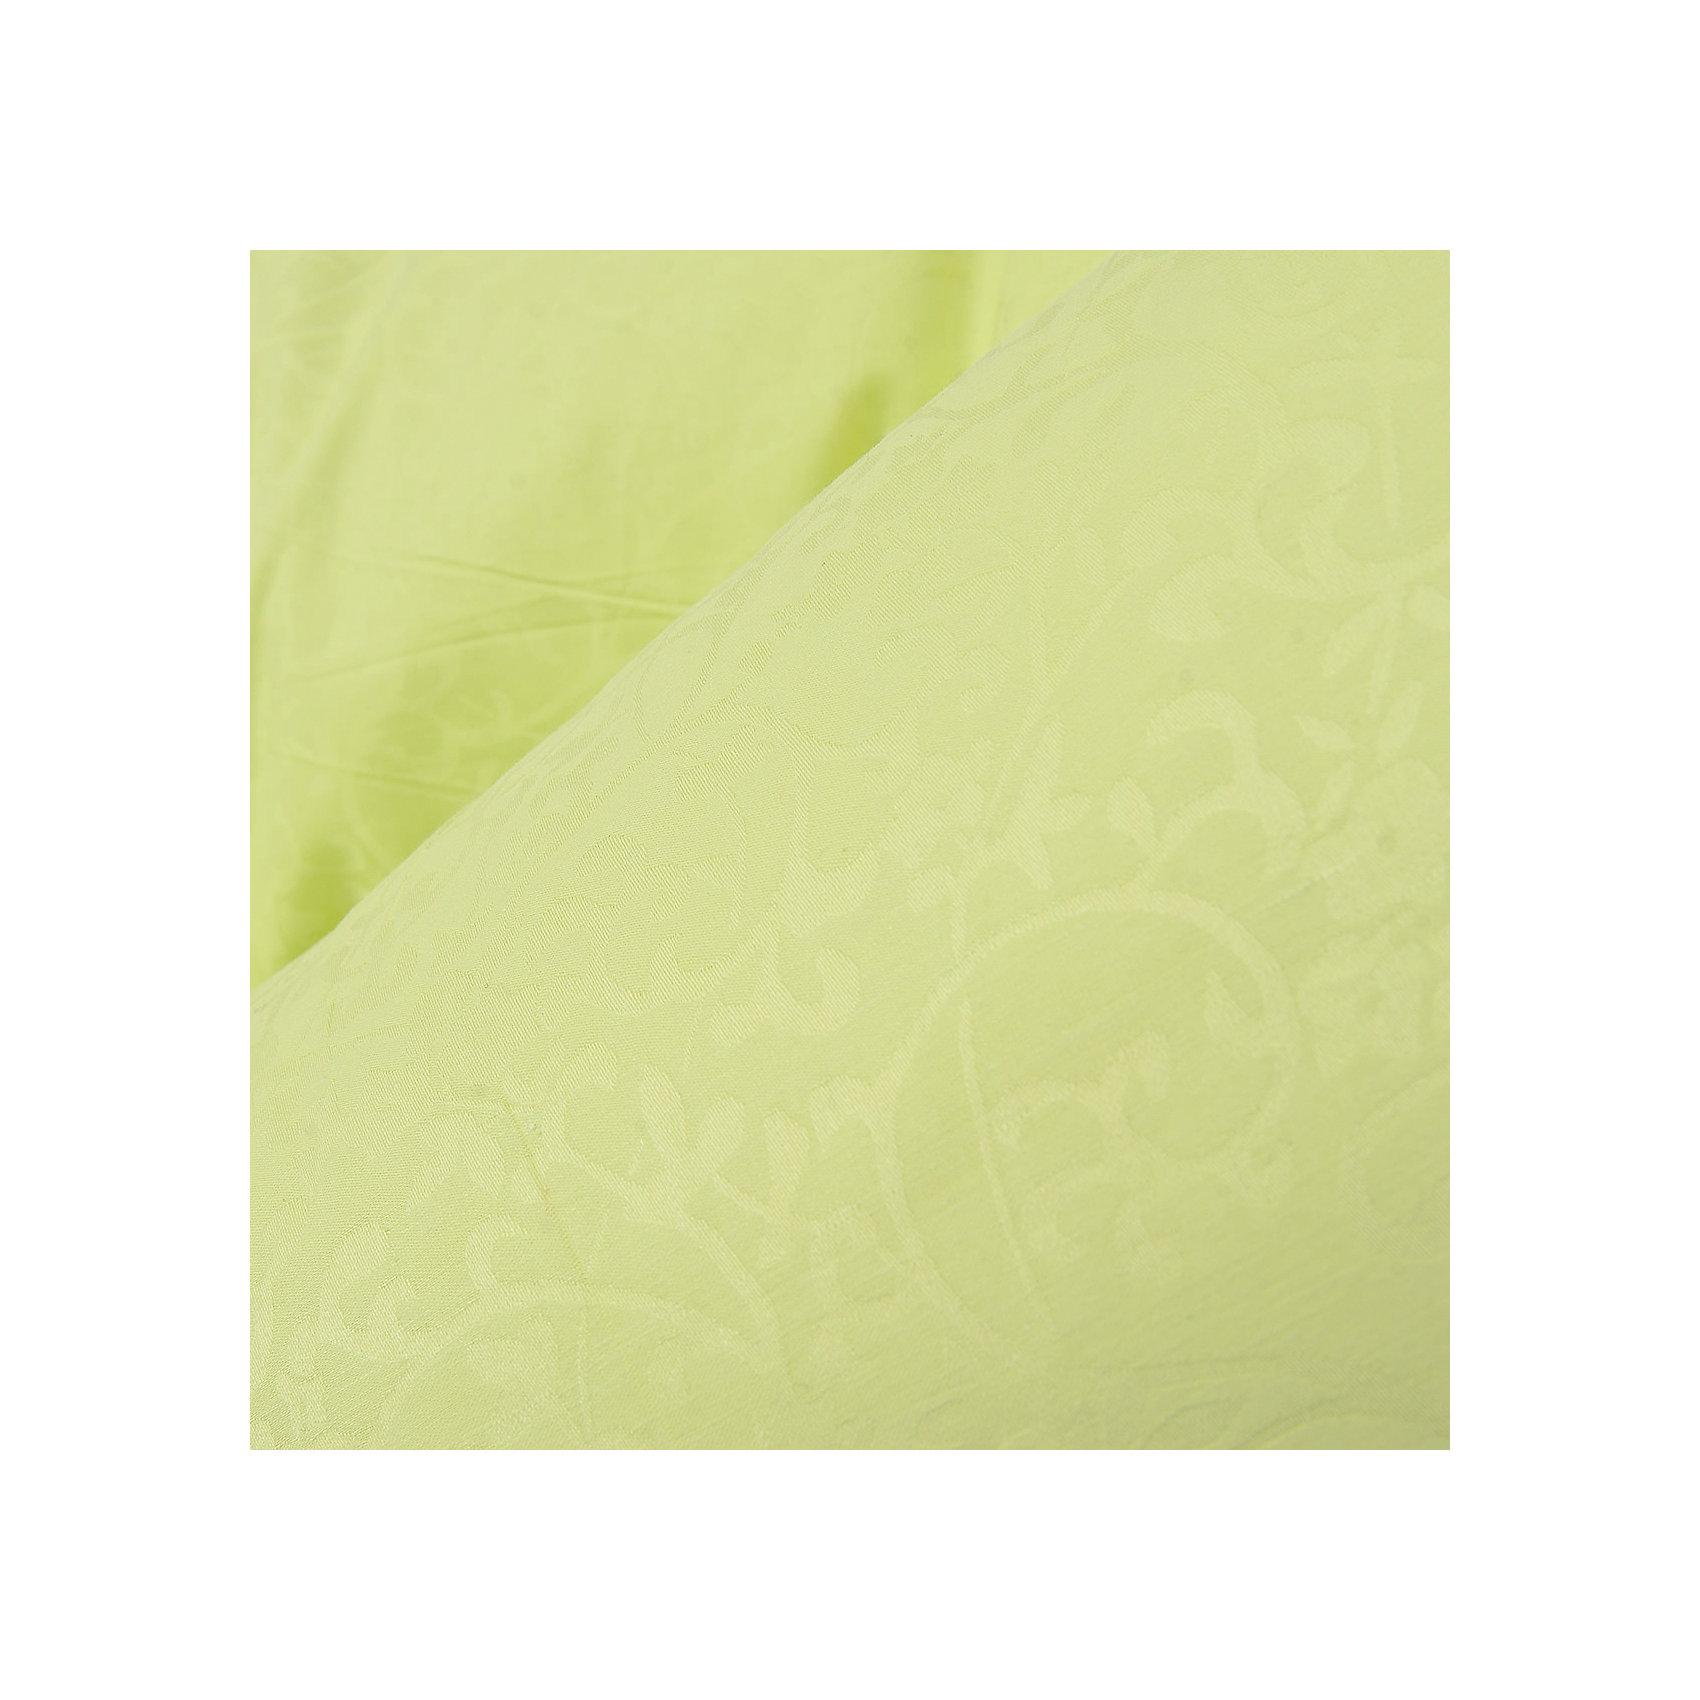 Подушка для беременных Аура 190х37 (сатин) с шариками полистирола, La Armada, зеленый